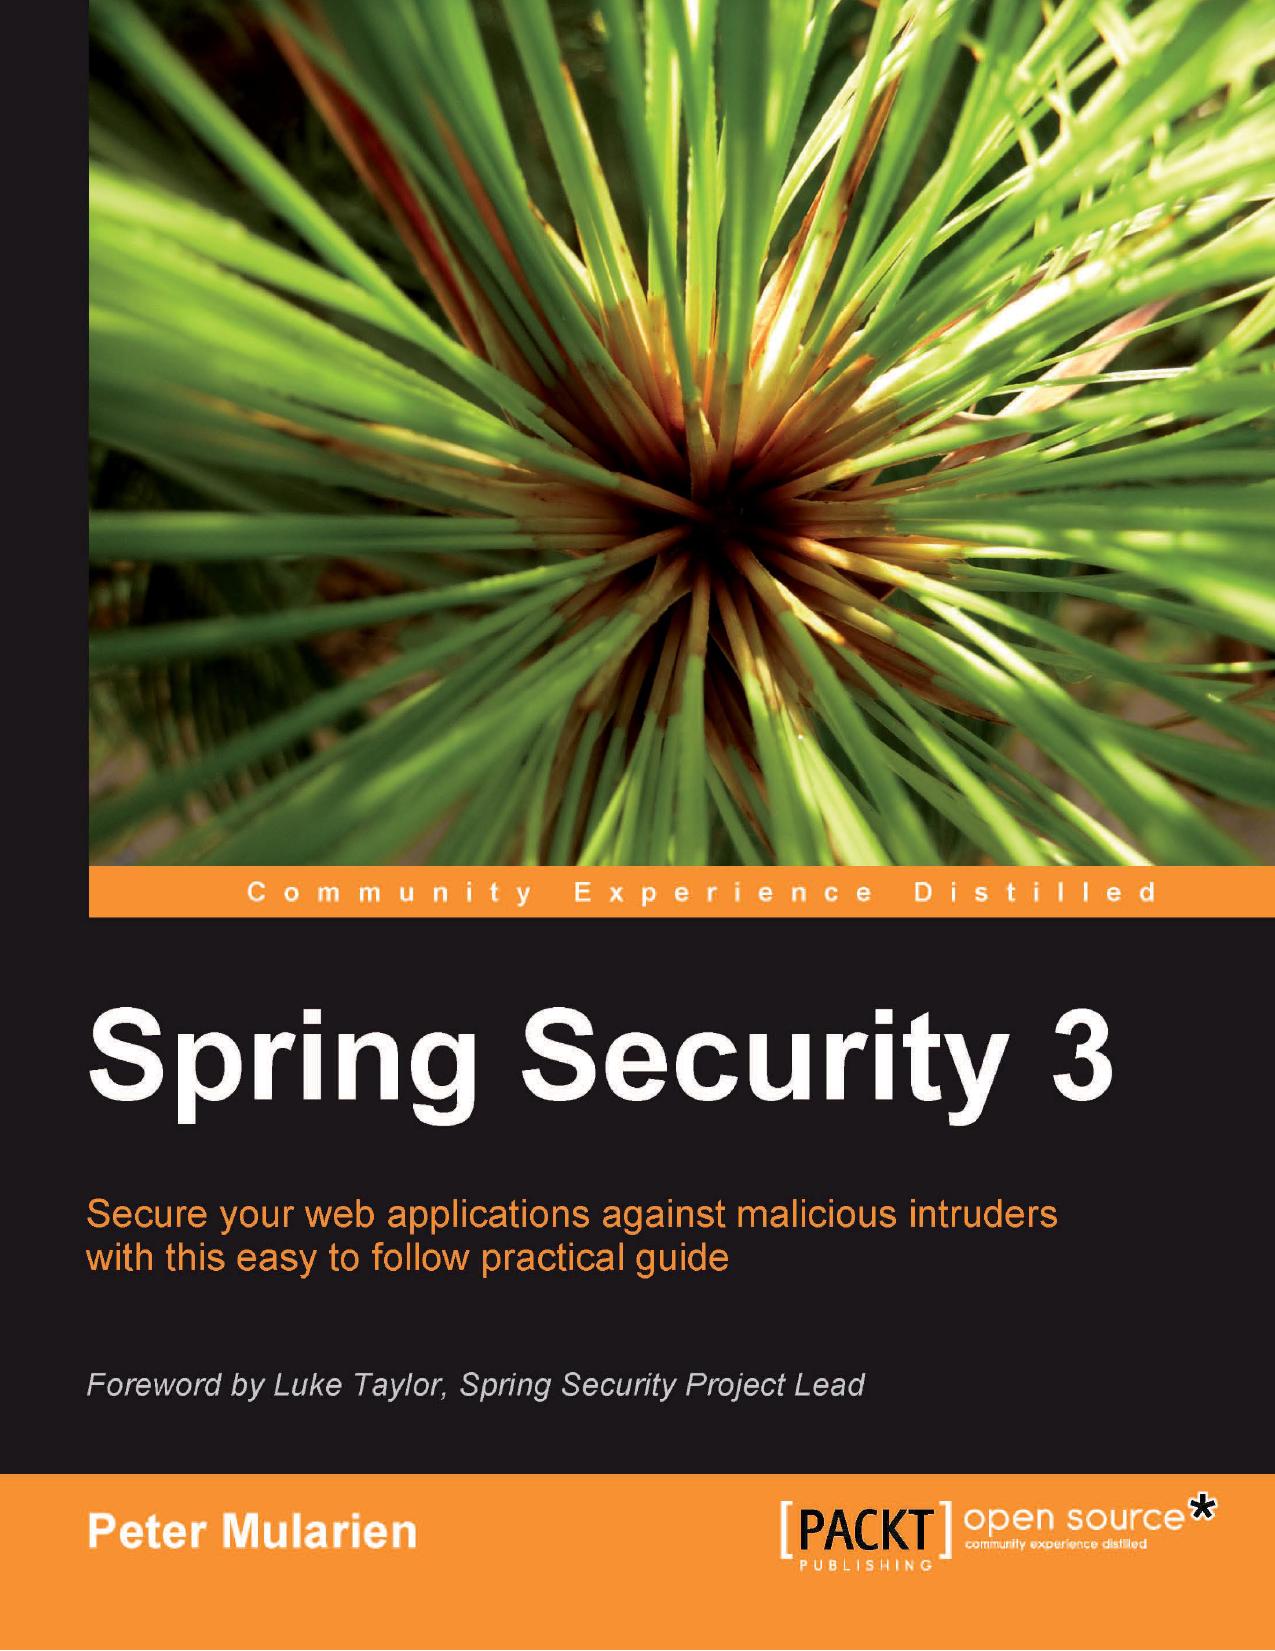 Spring Security 3 | manualzz com